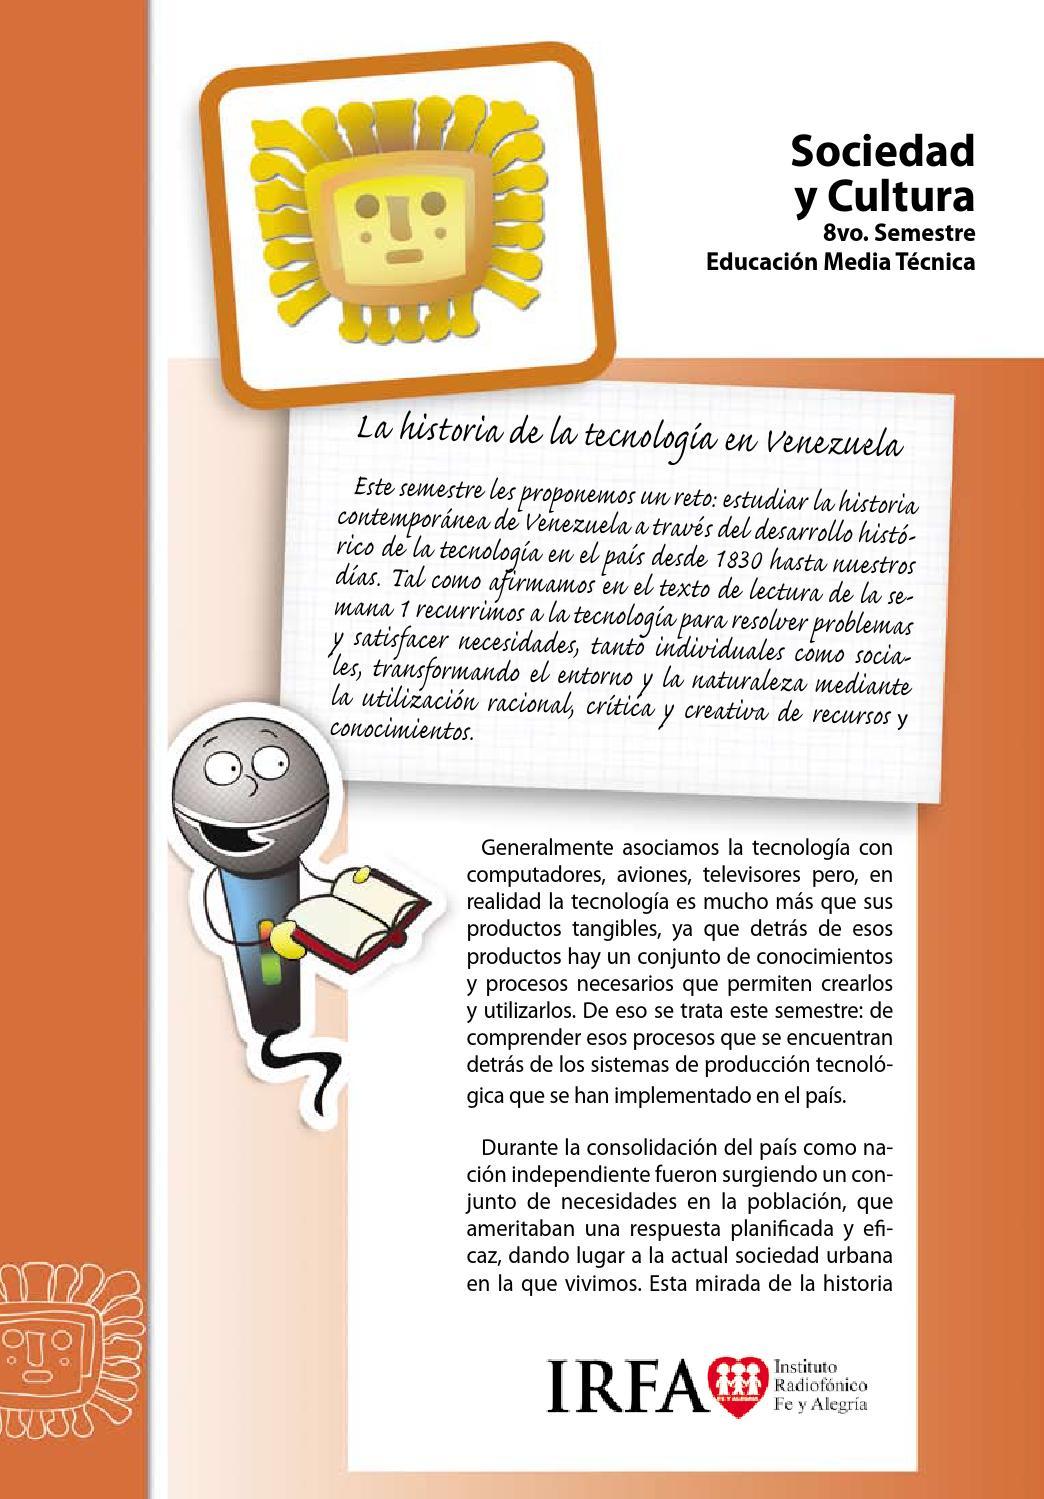 sociedad 8vo by cordnaceduirfa issuu